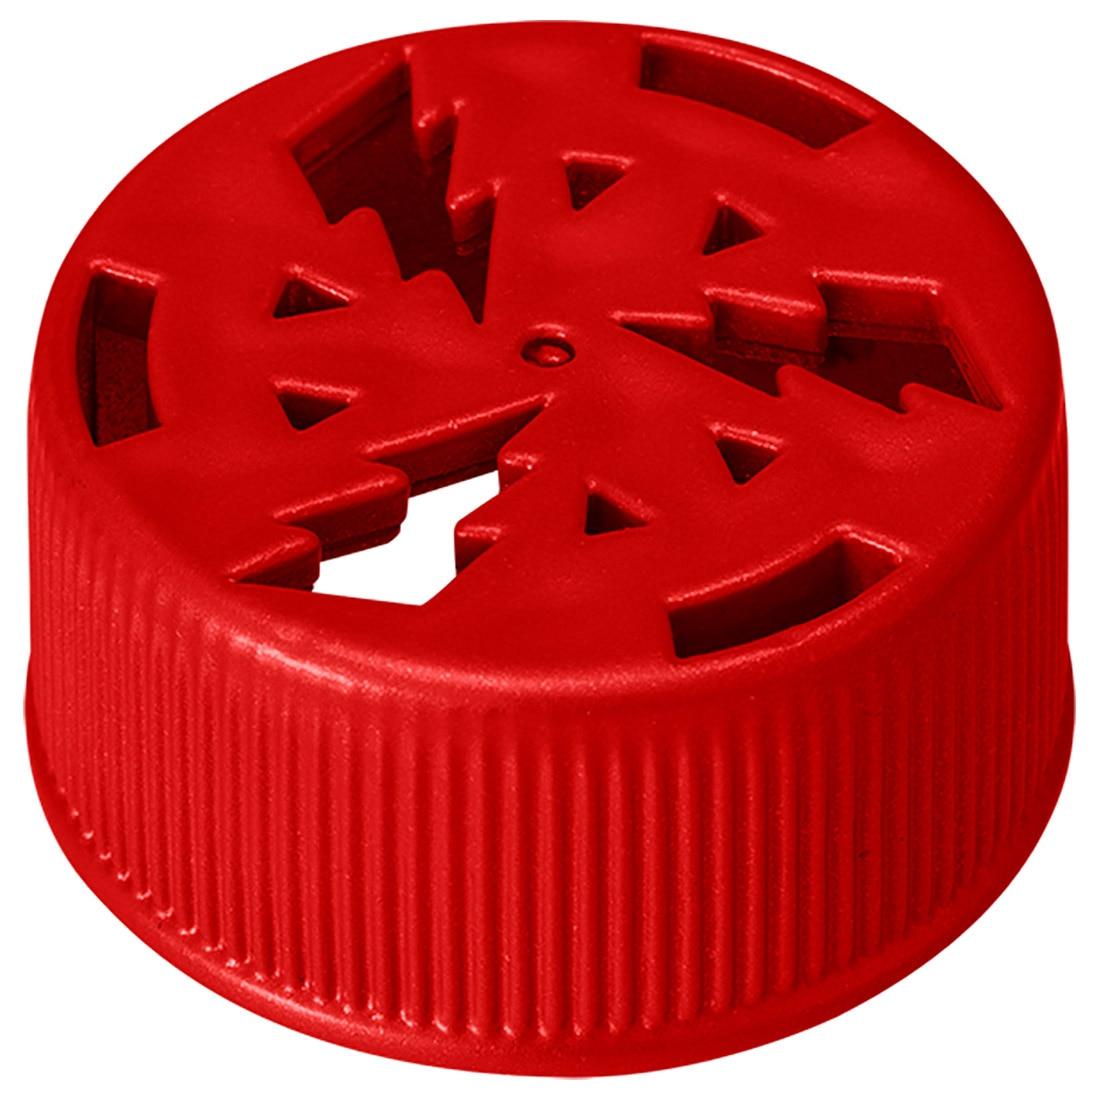 キャップ革命 ボトルマン『BOT-17 ワンダーグレープ炎』おもちゃ-002